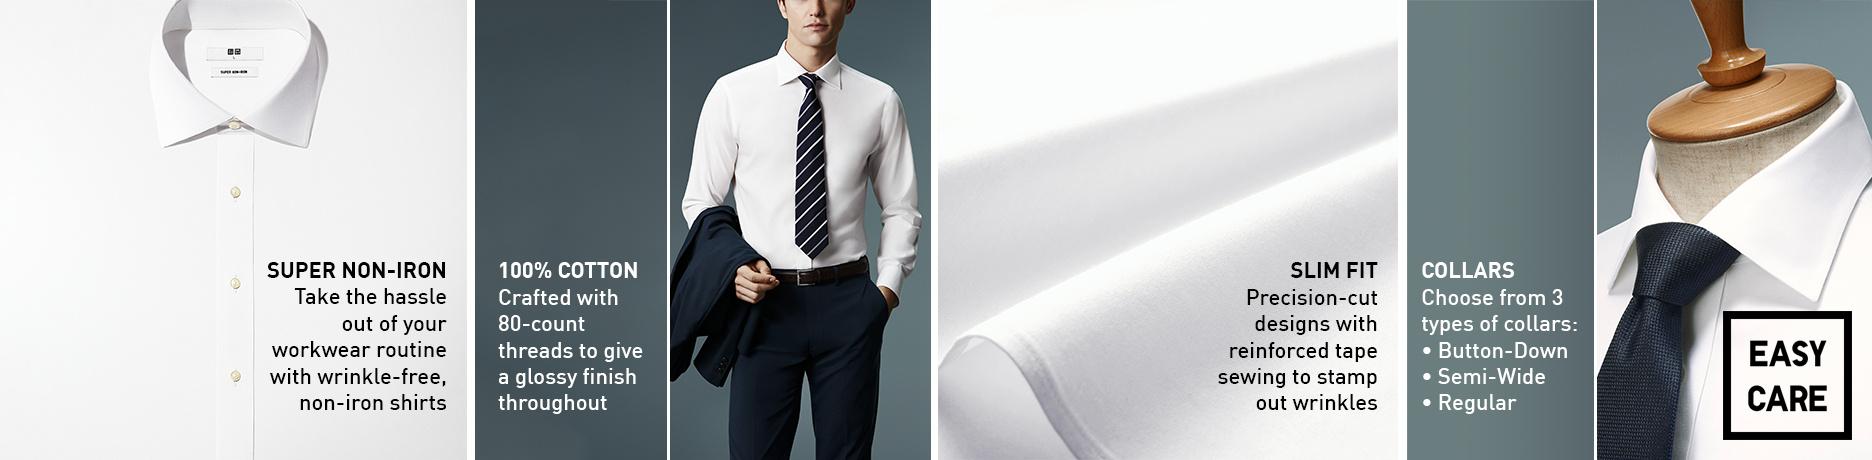 non iron shirts